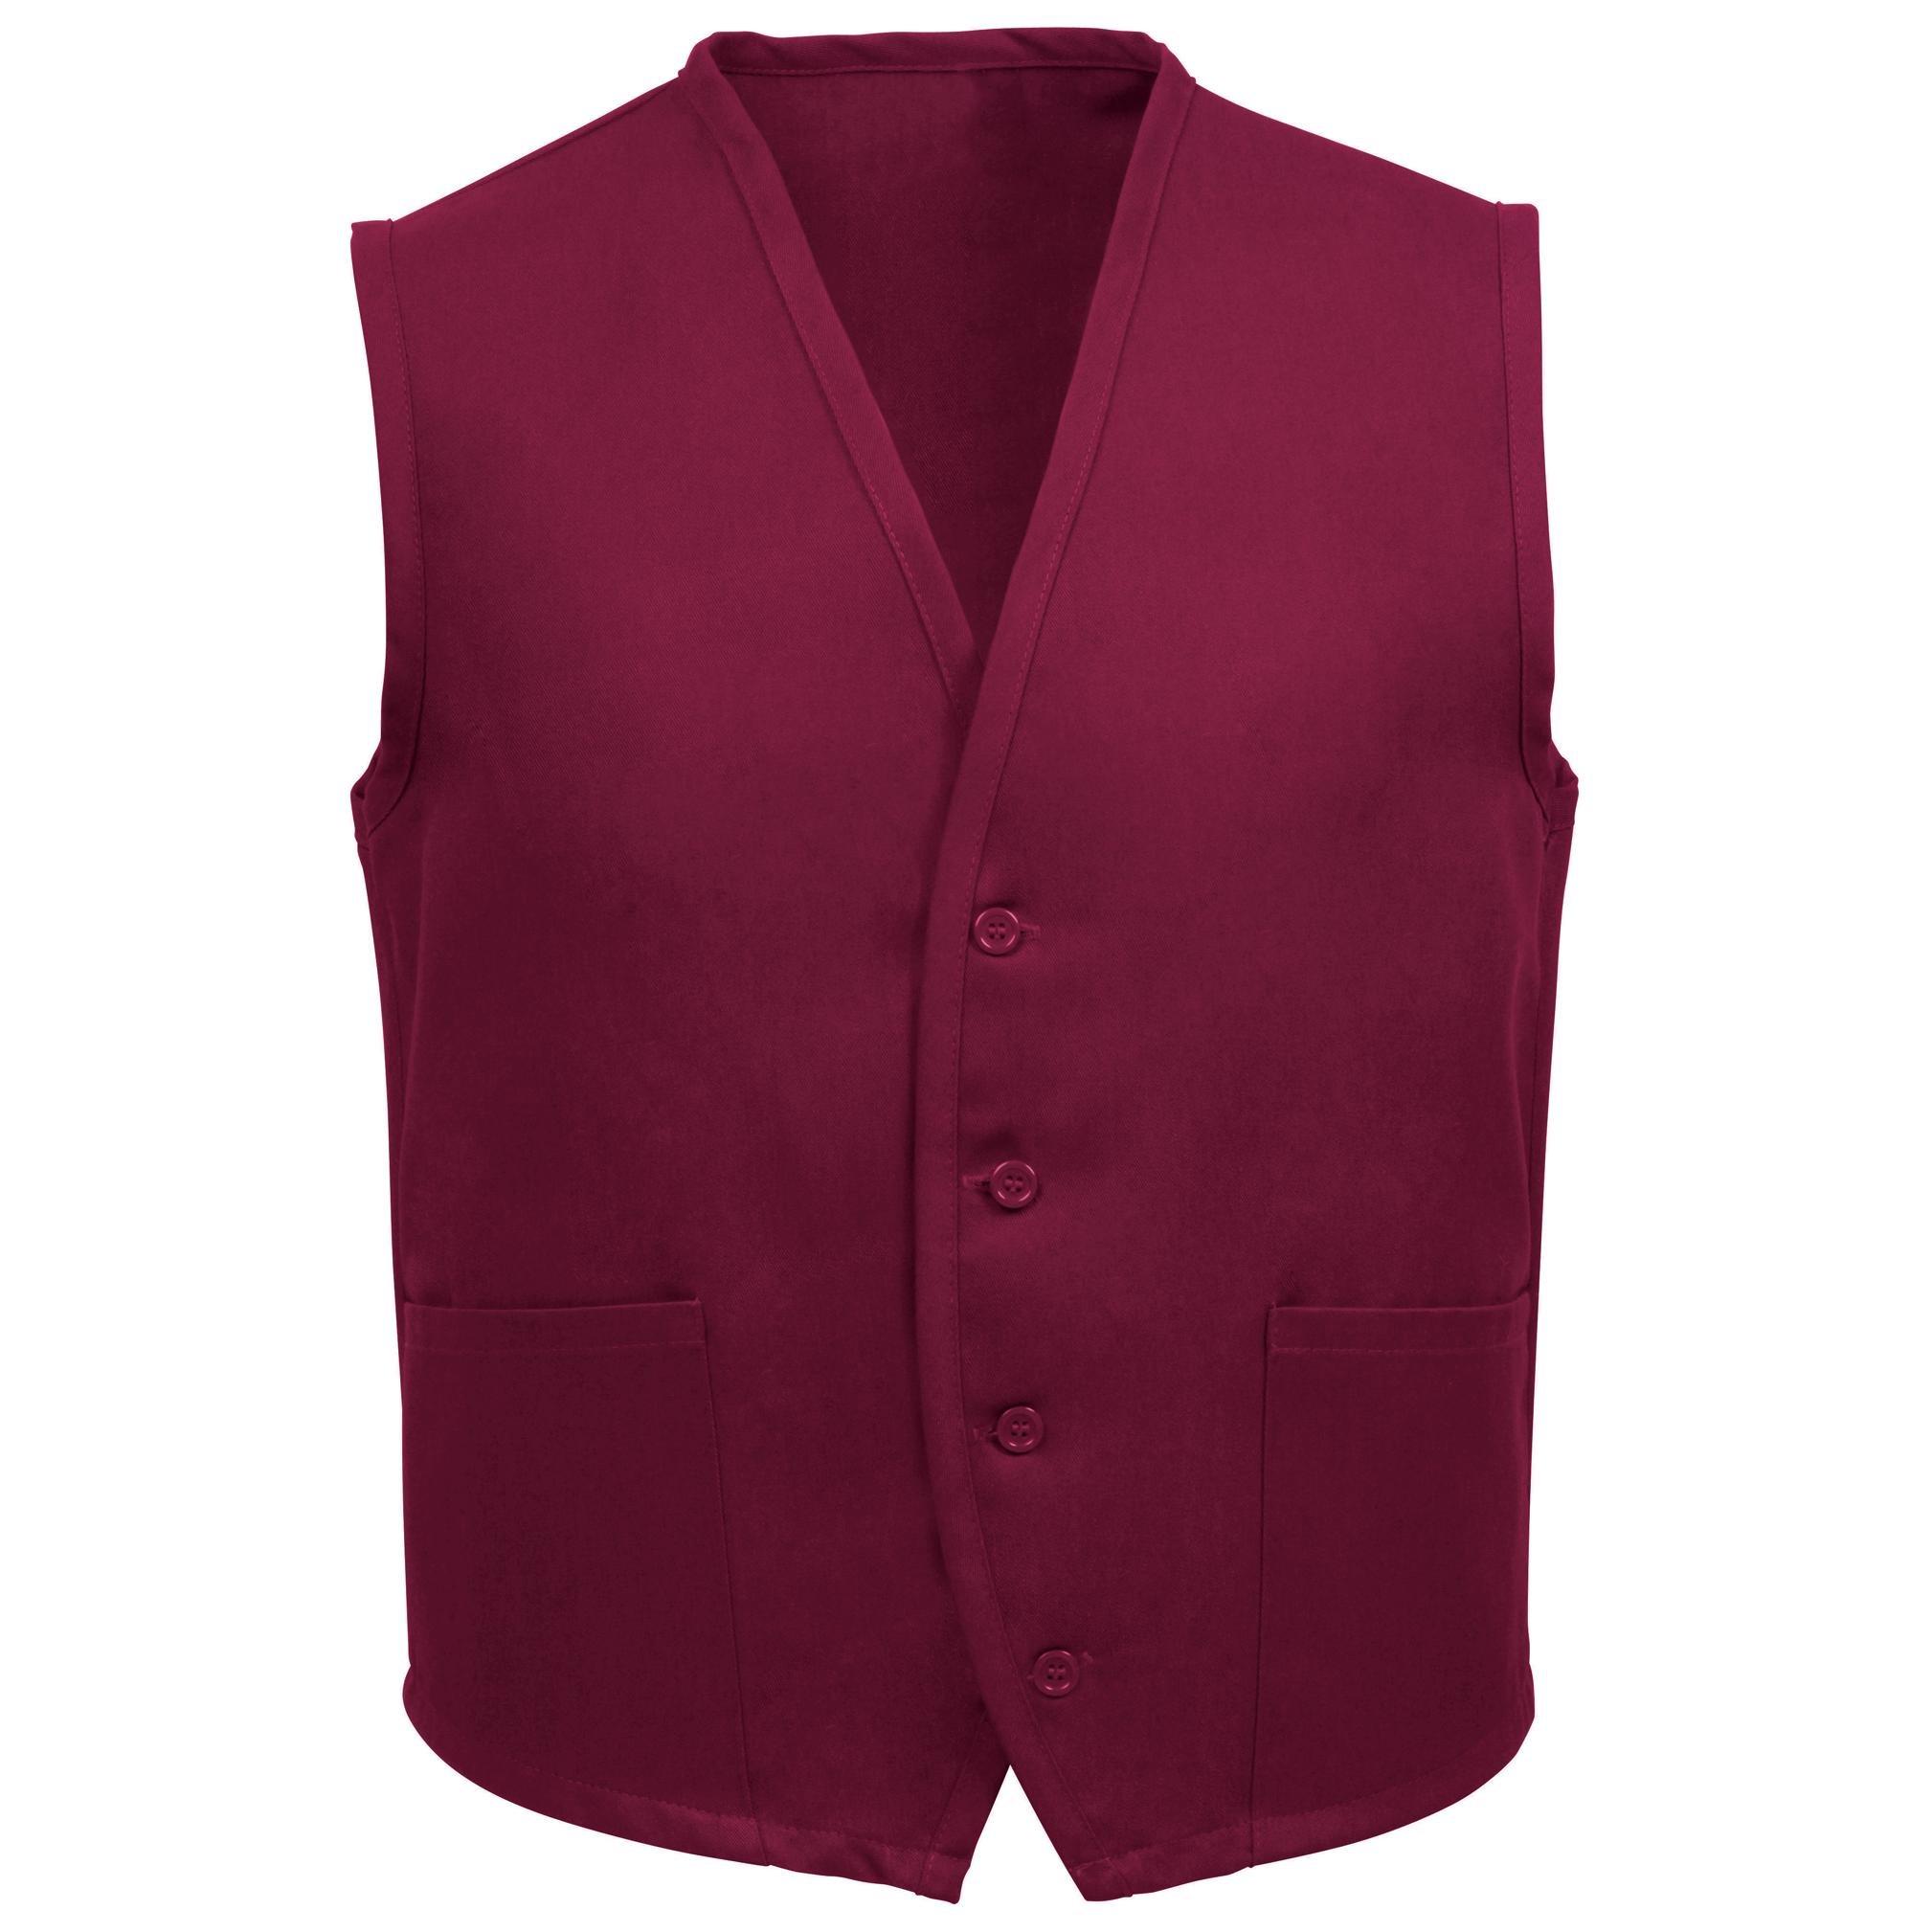 Fame Adult's 2 Pocket Vest-Burgundy-2XL by Fame Fabrics